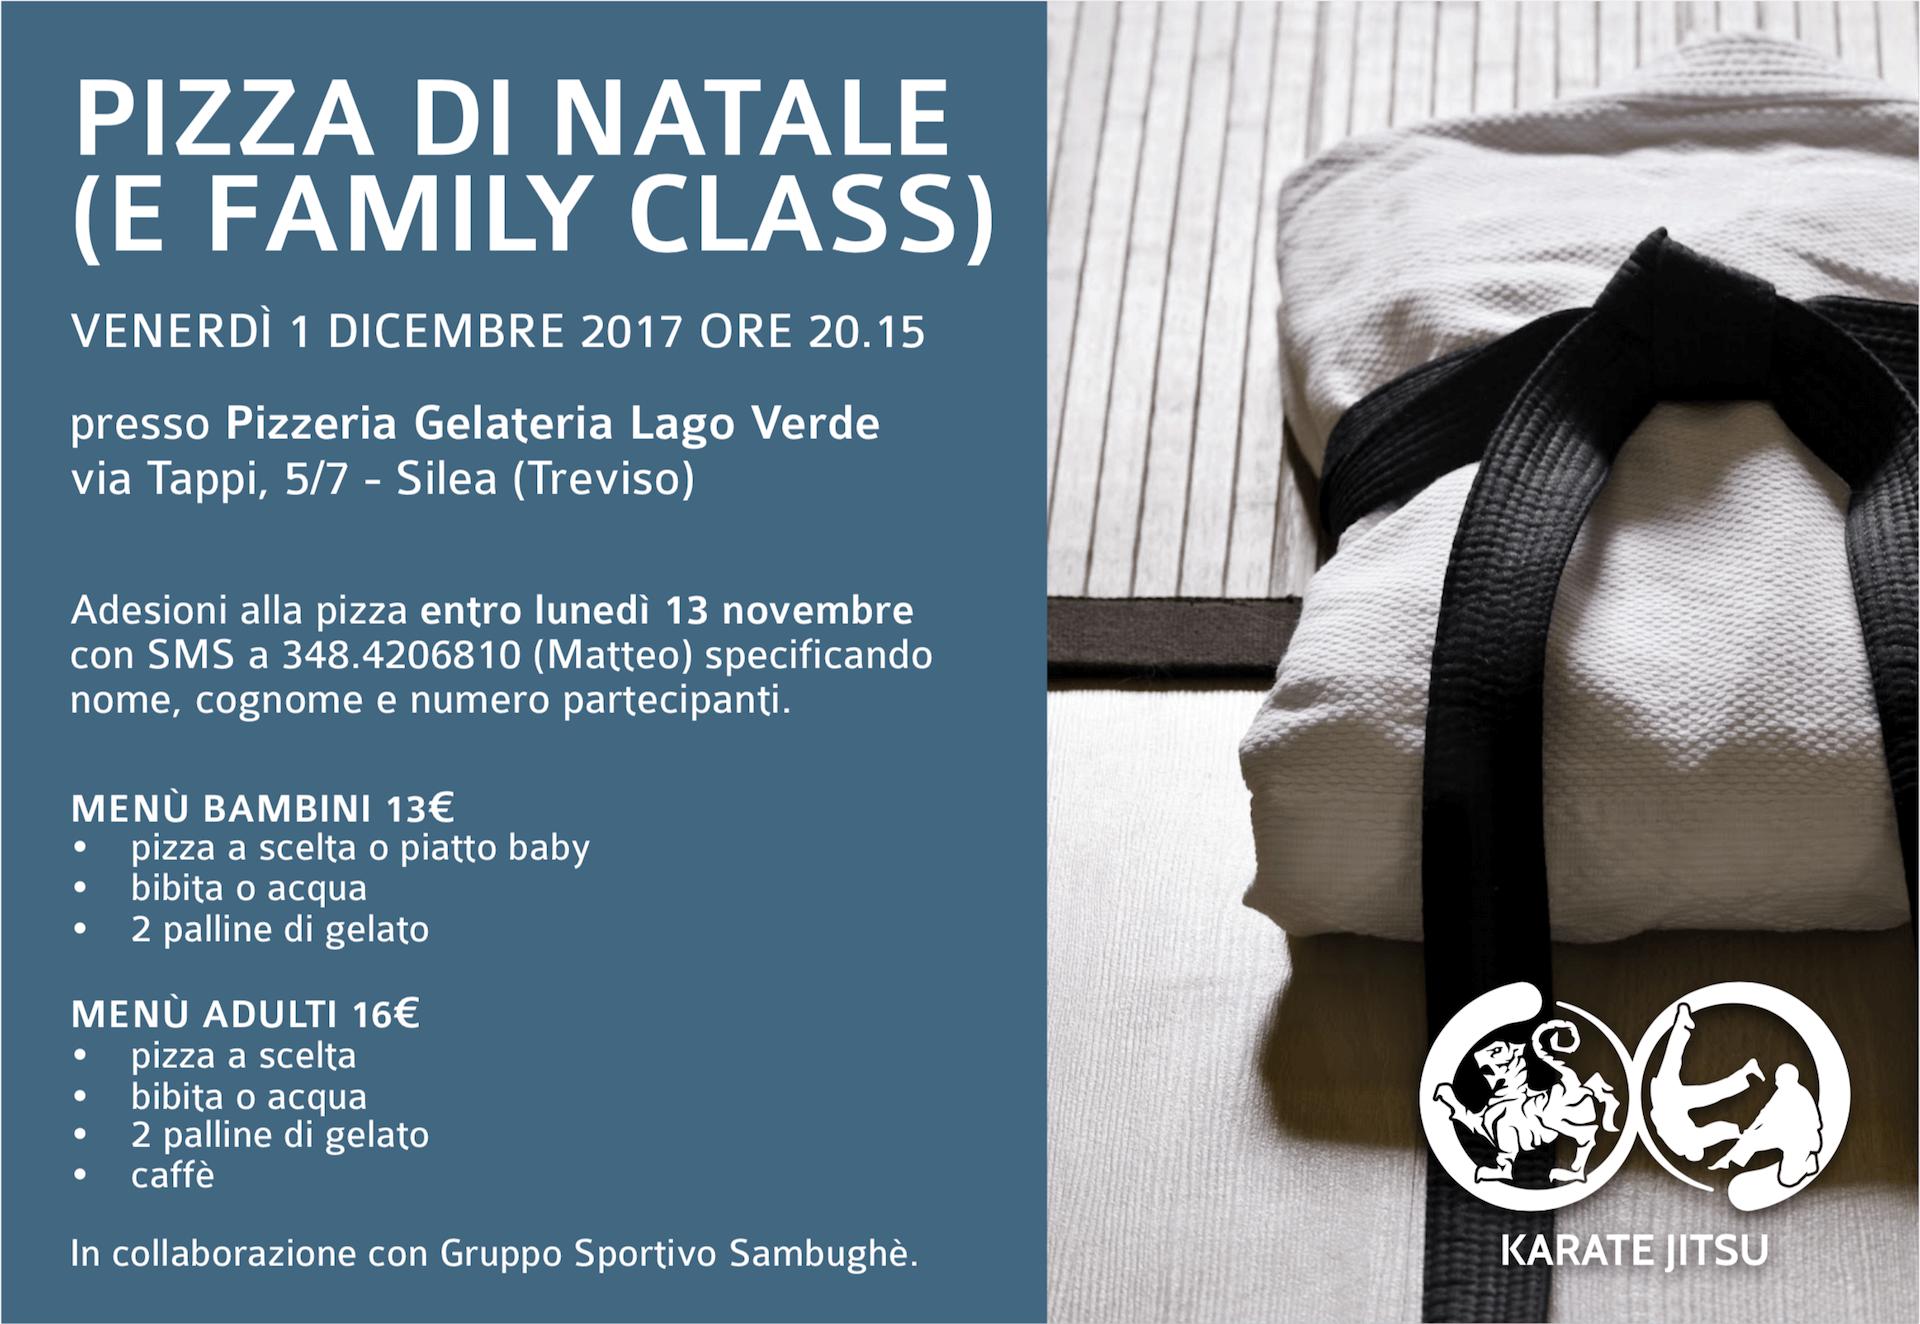 Pizza di Natale Karate Jitsu e lezione Family Class